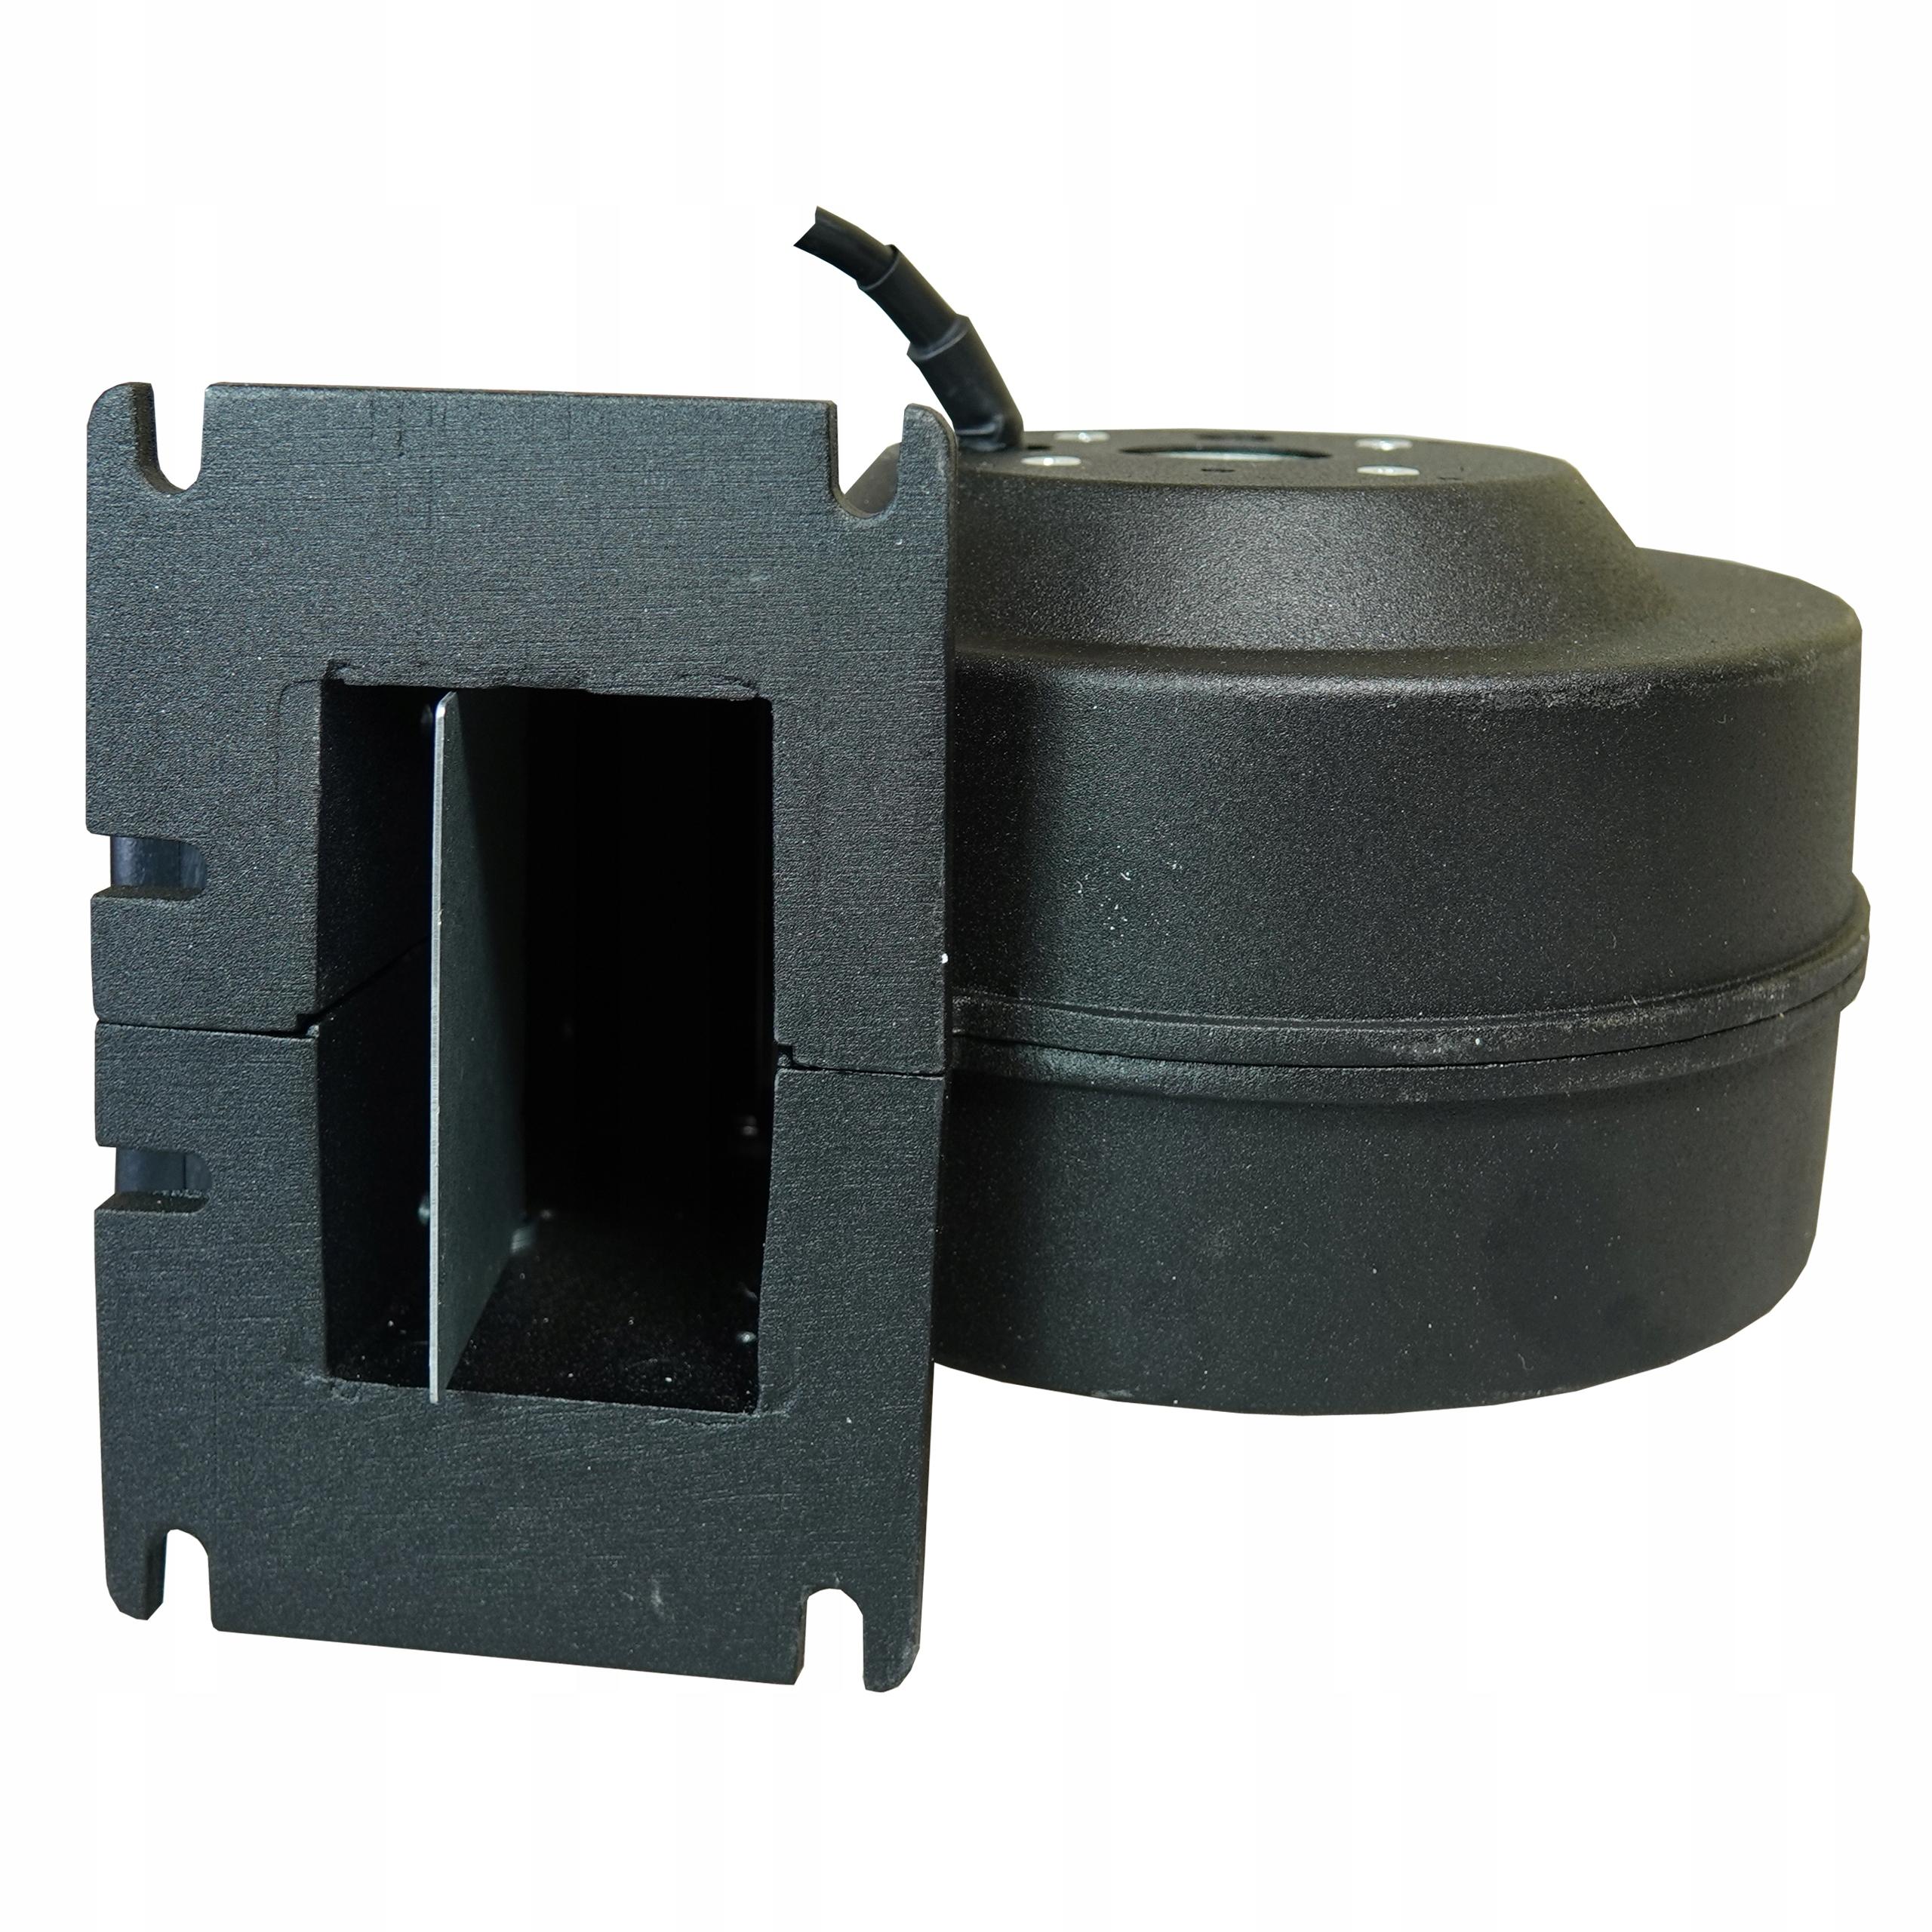 Ventilátor kotla WPA x2 WPA 120 67W Typ kachlí dvojfunkčný dvojfunkčný so zásobníkom teplej vody jednoúčelová spaľovacia komora